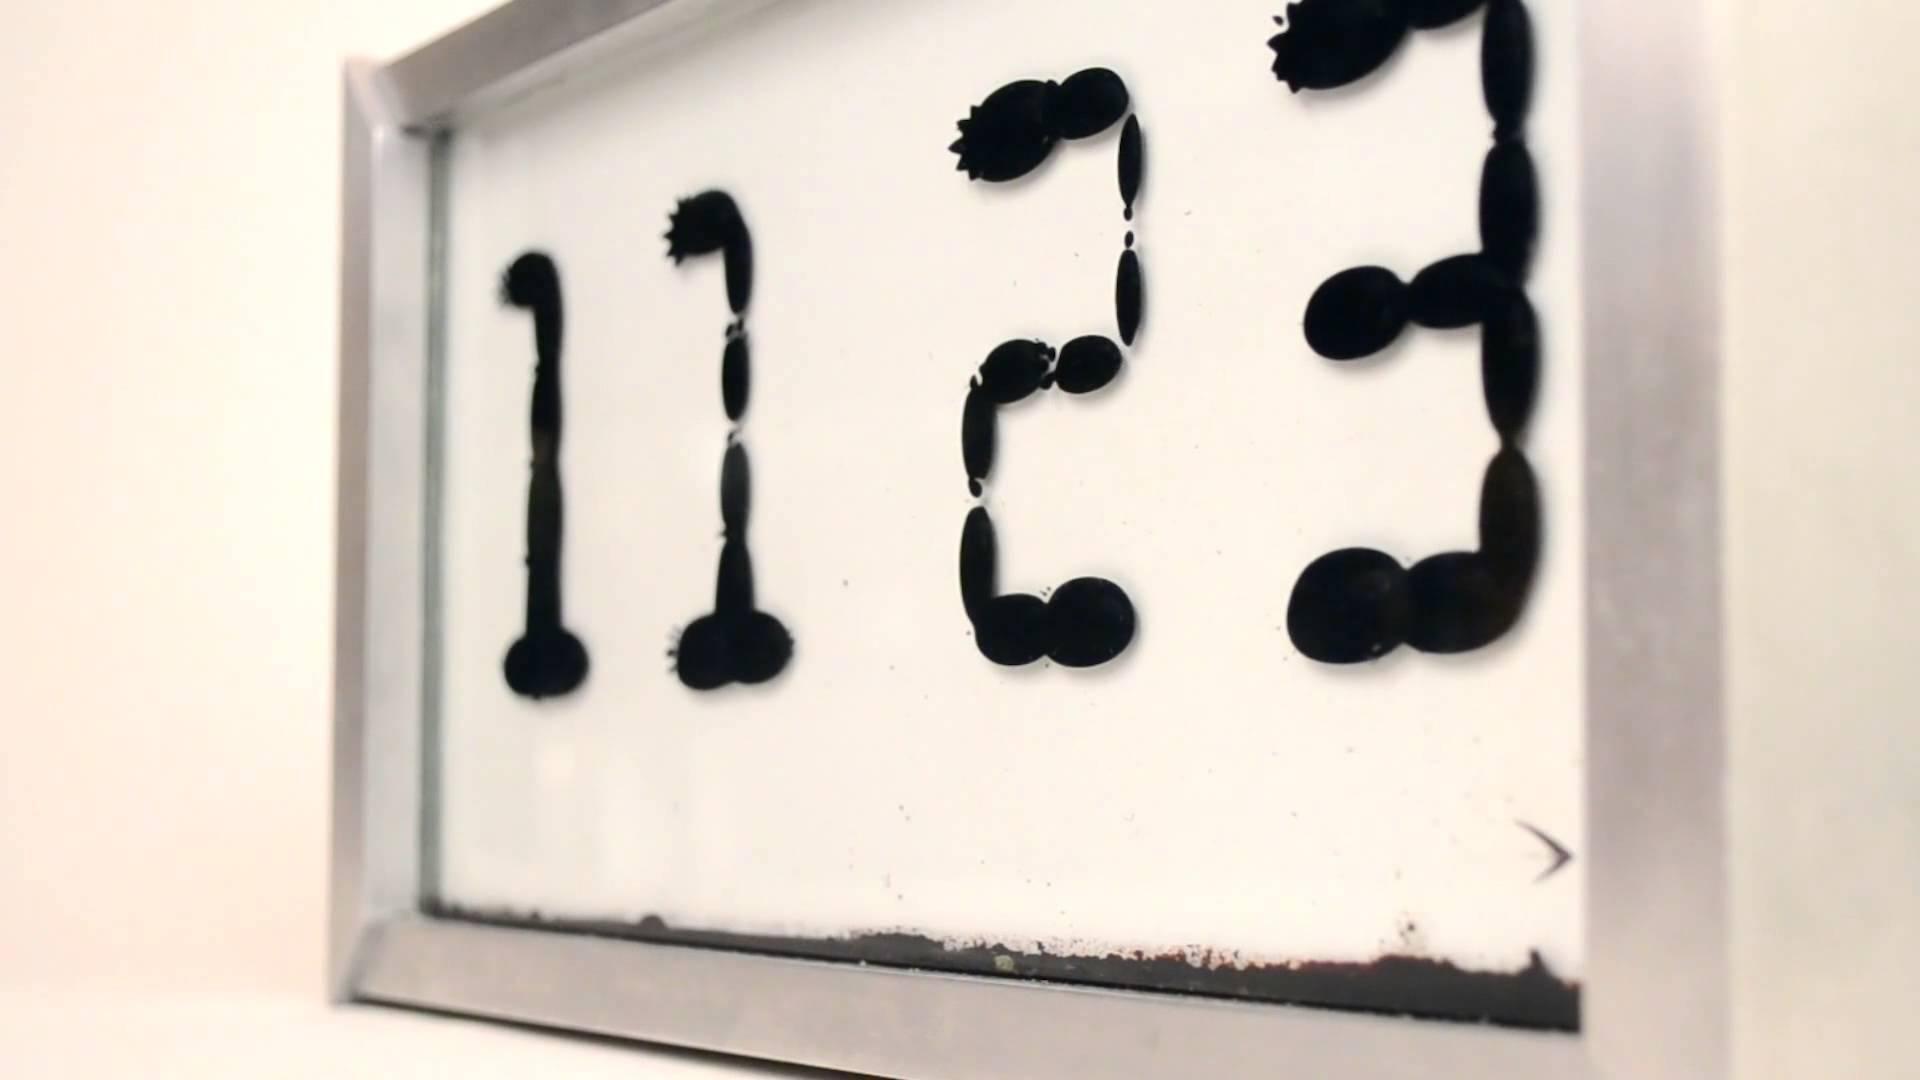 Смажь колеса времени не для первой премии © Высоцкий. Топ-10 самых необычных часов - 25